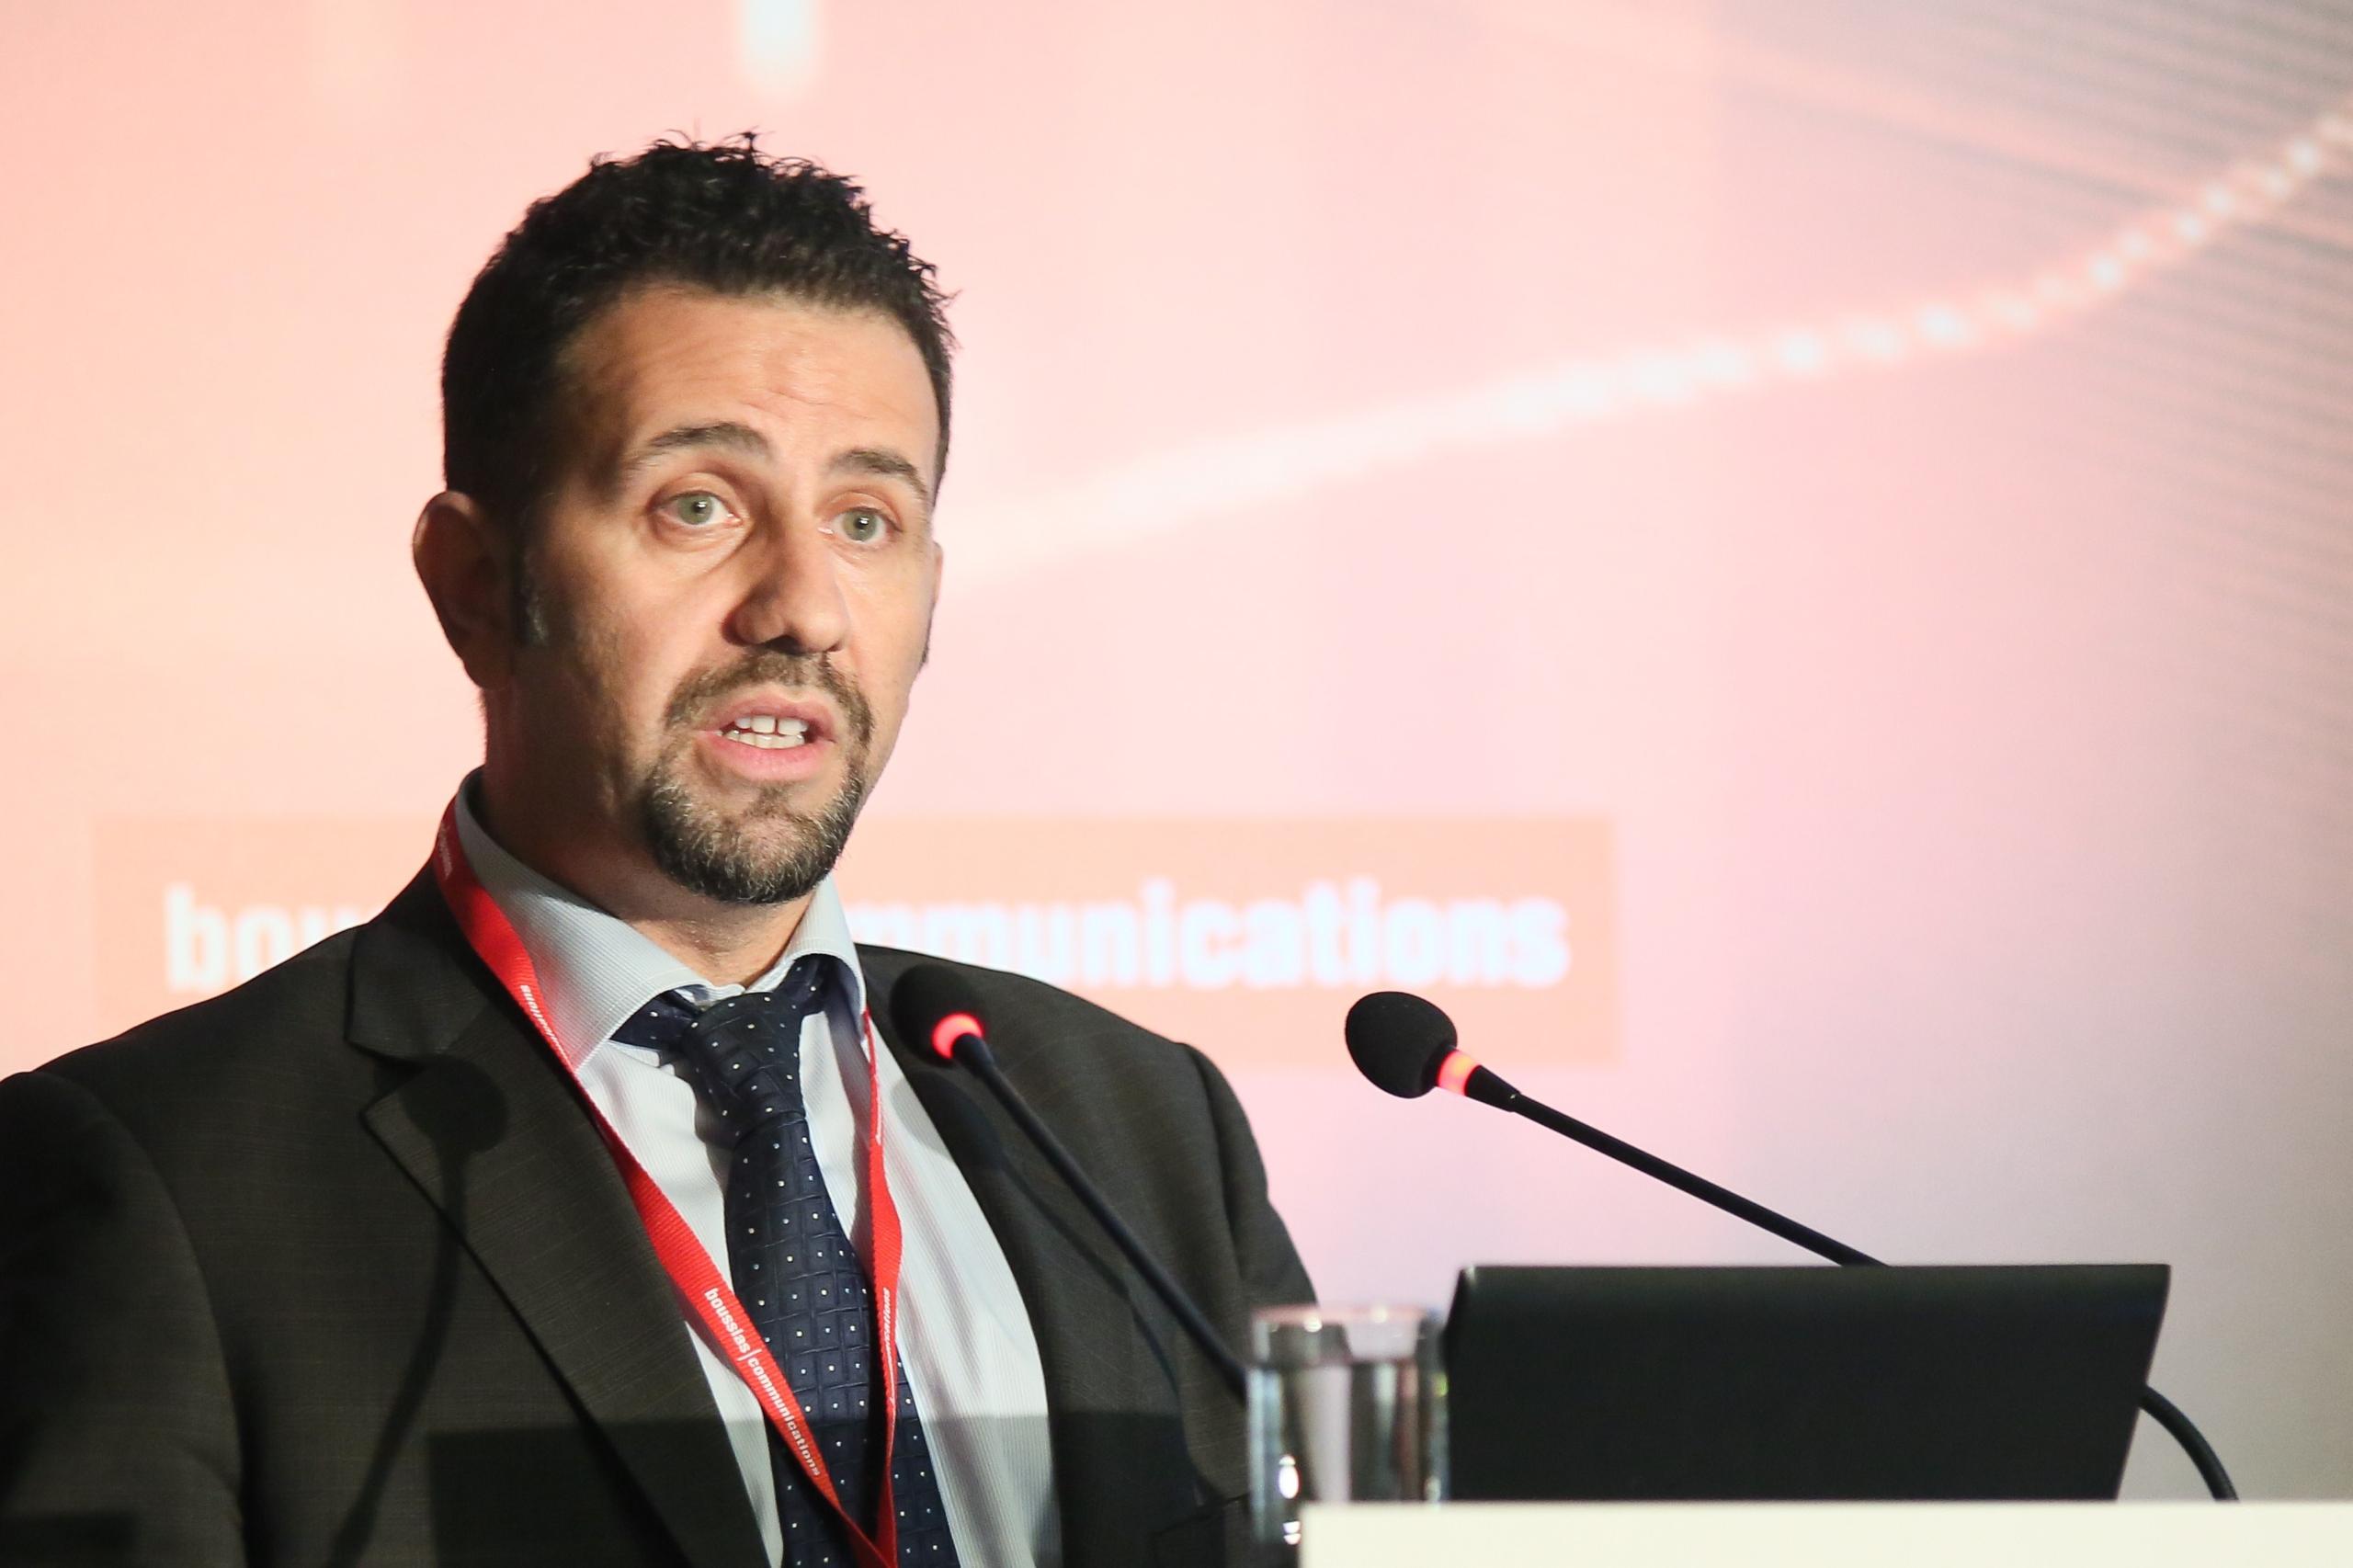 Δρ. Βασίλειος Νικολόπουλος